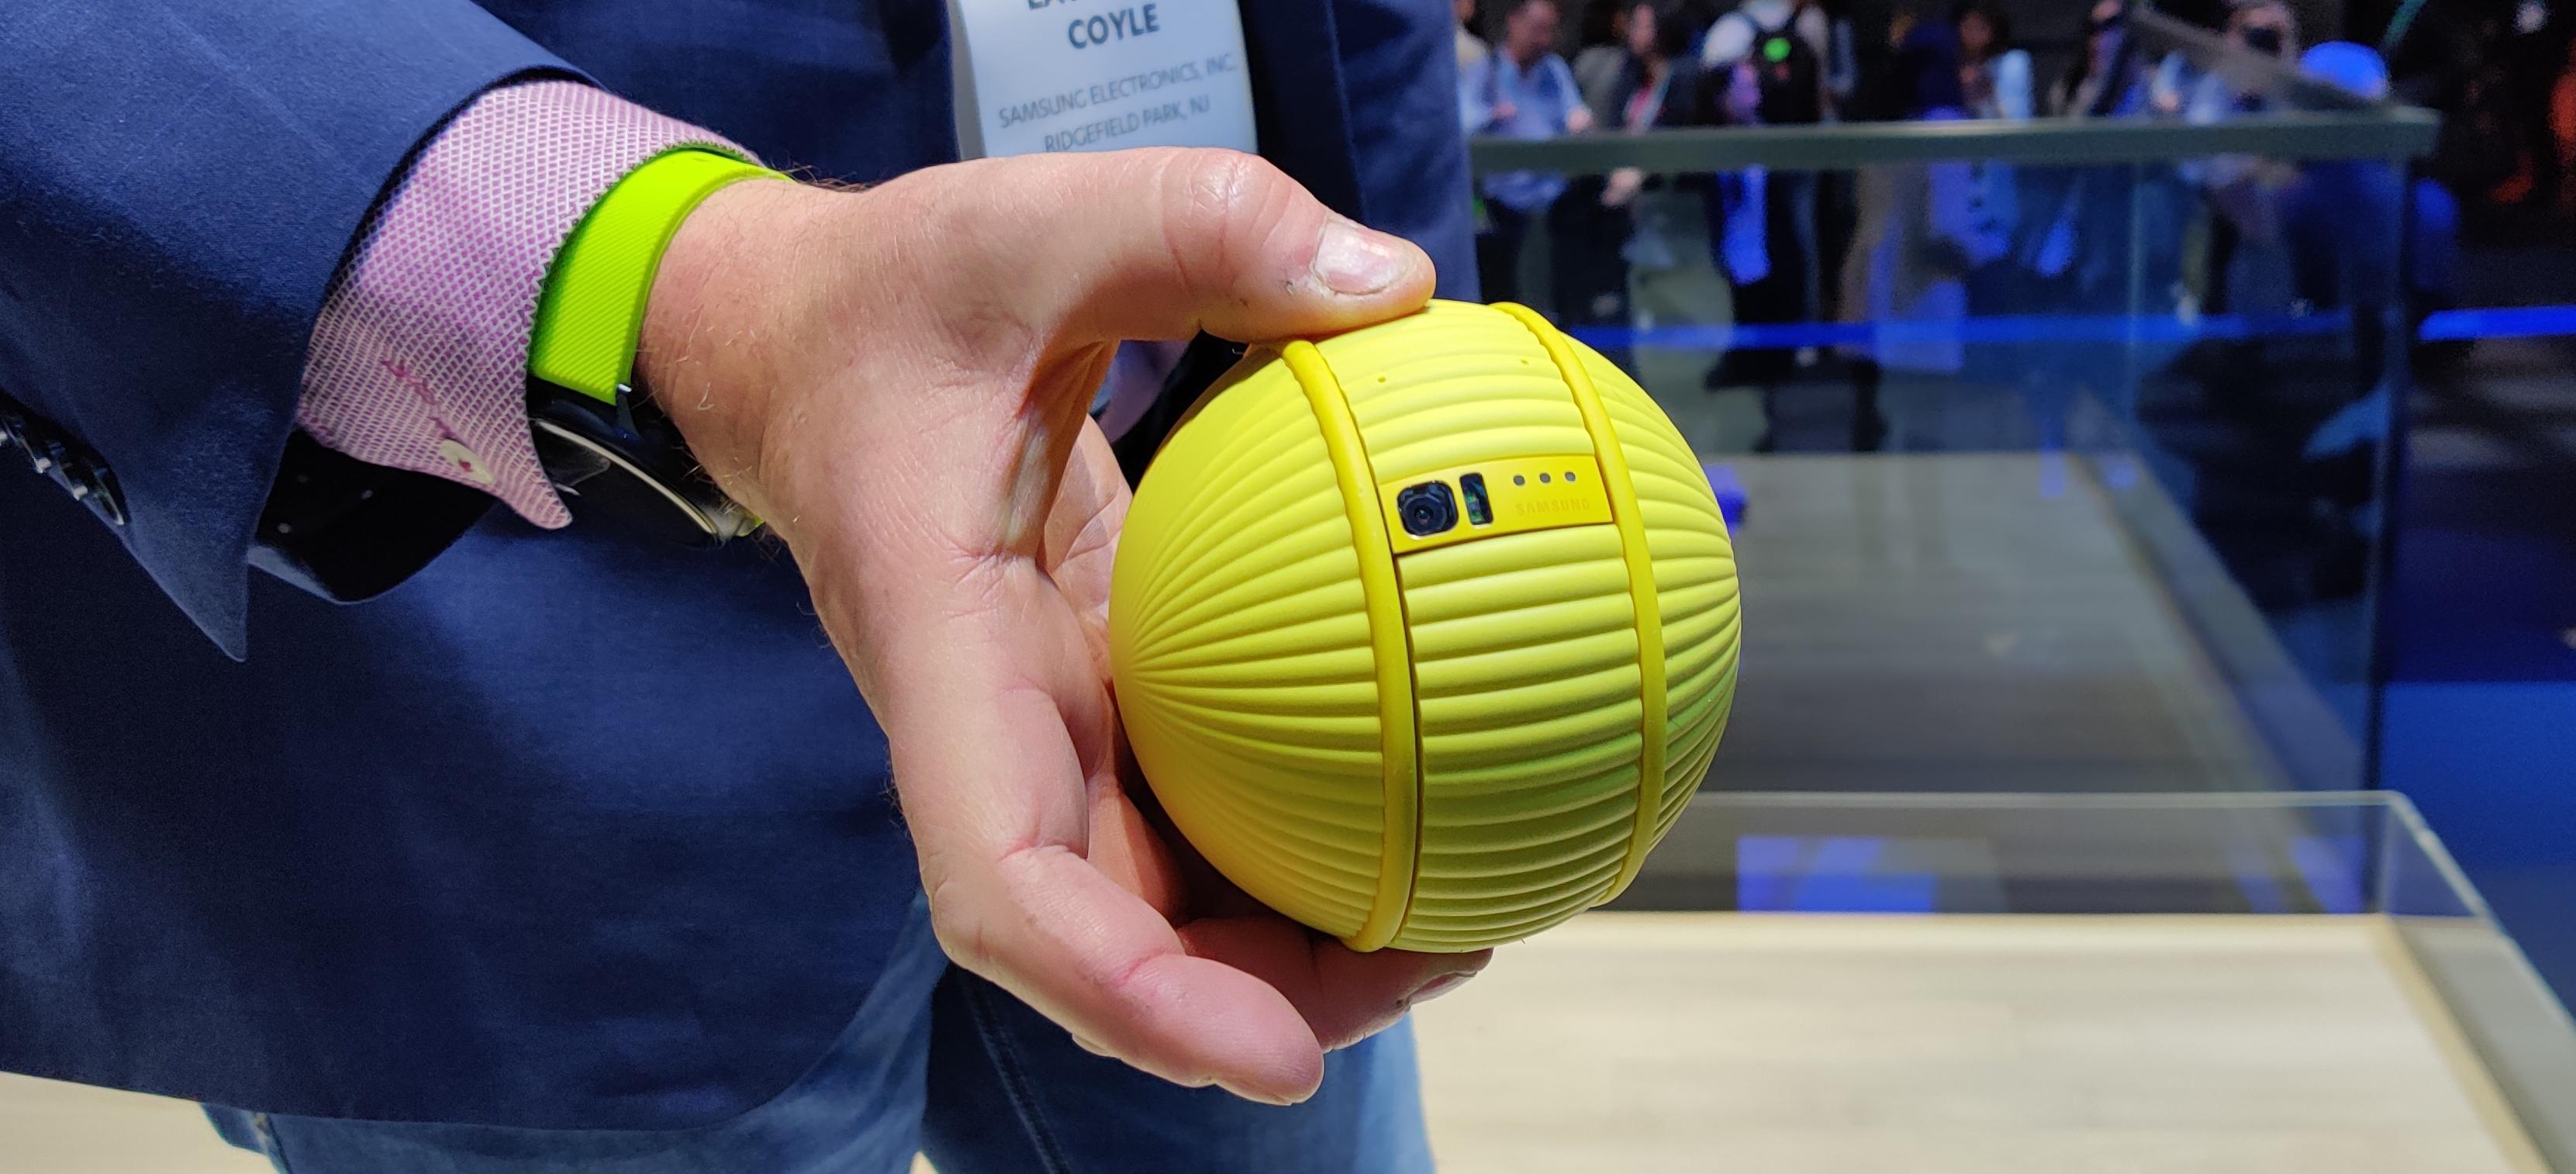 Denne lille ballen skal hjelpe deg hjemme